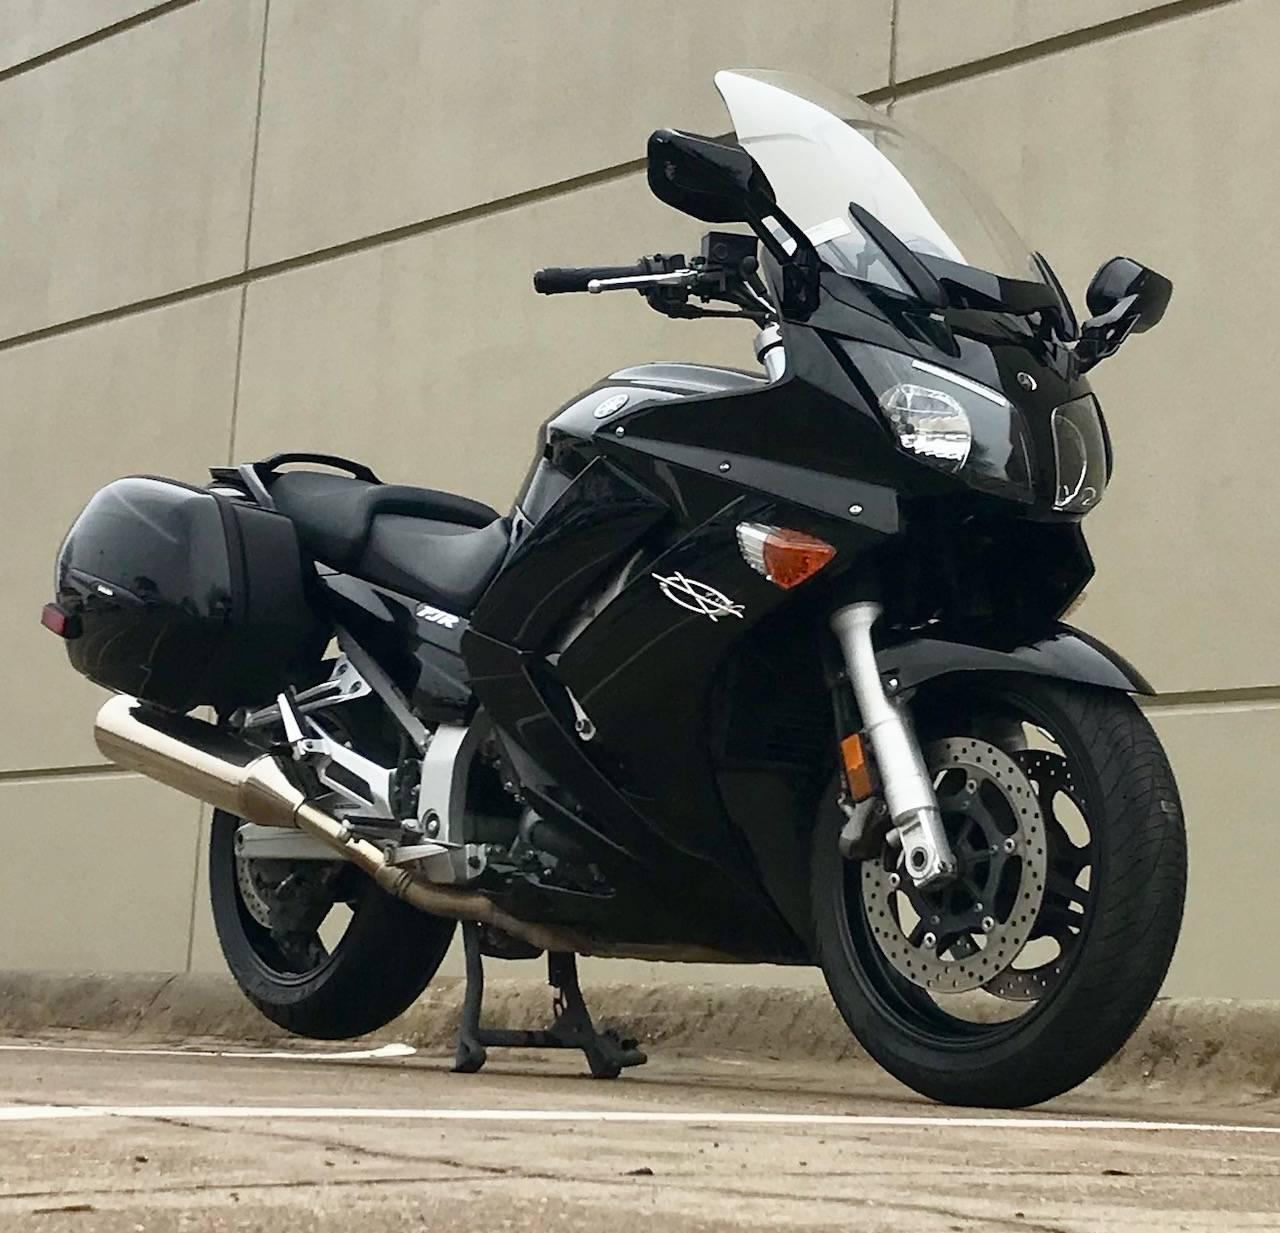 2009 Yamaha FJR 1300A for sale 125347